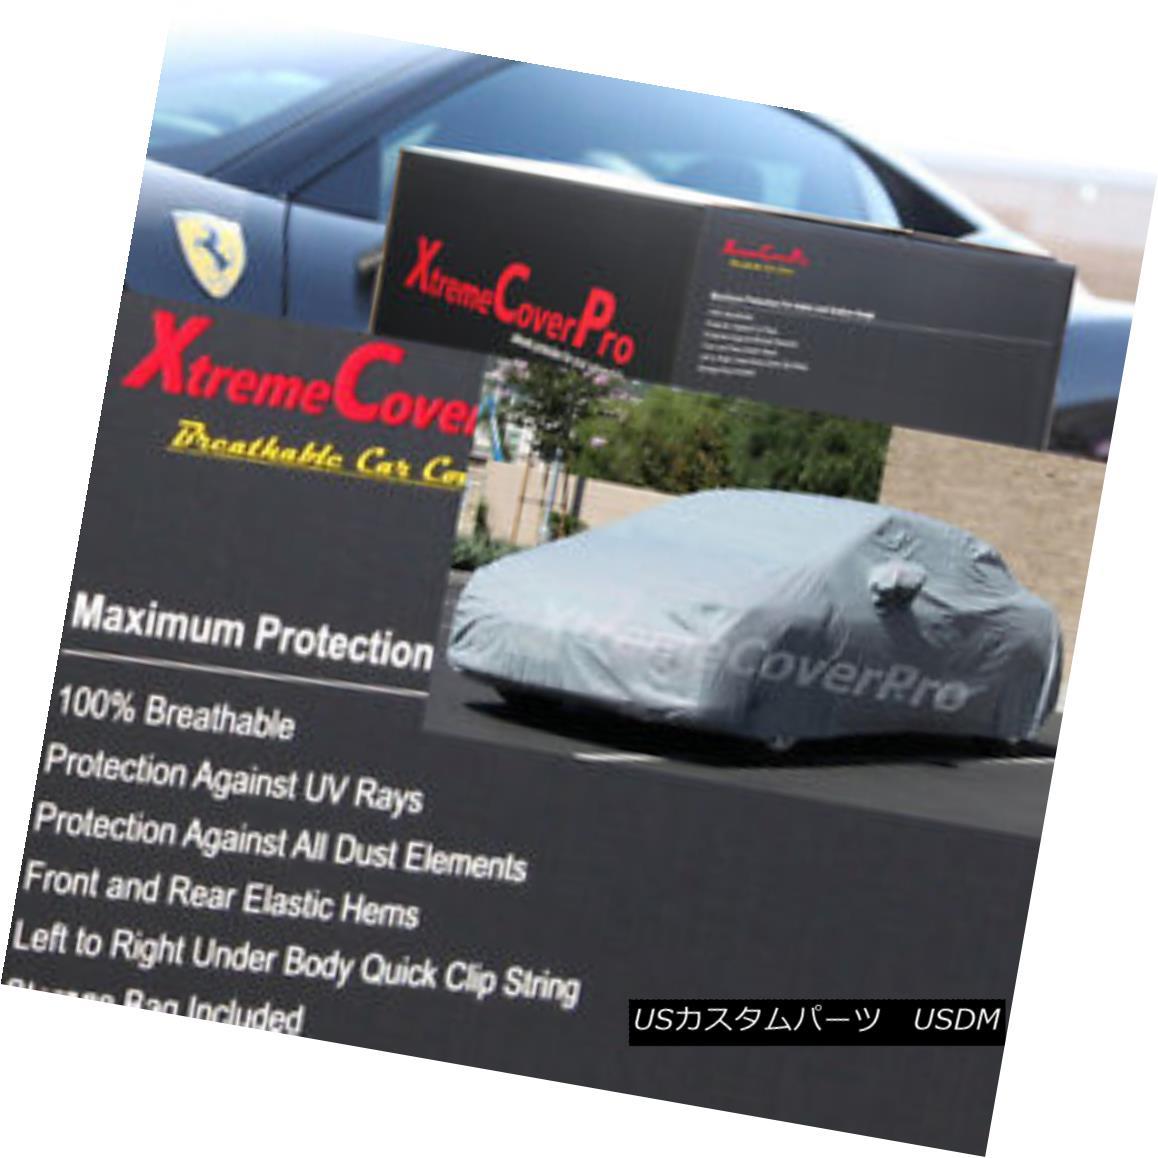 カーカバー 2005 2006 Saab 9-2X Breathable Car Cover w/MirrorPocket 2005年のSaab 9-2X通気性の車カバー(MirrorPocket付き)